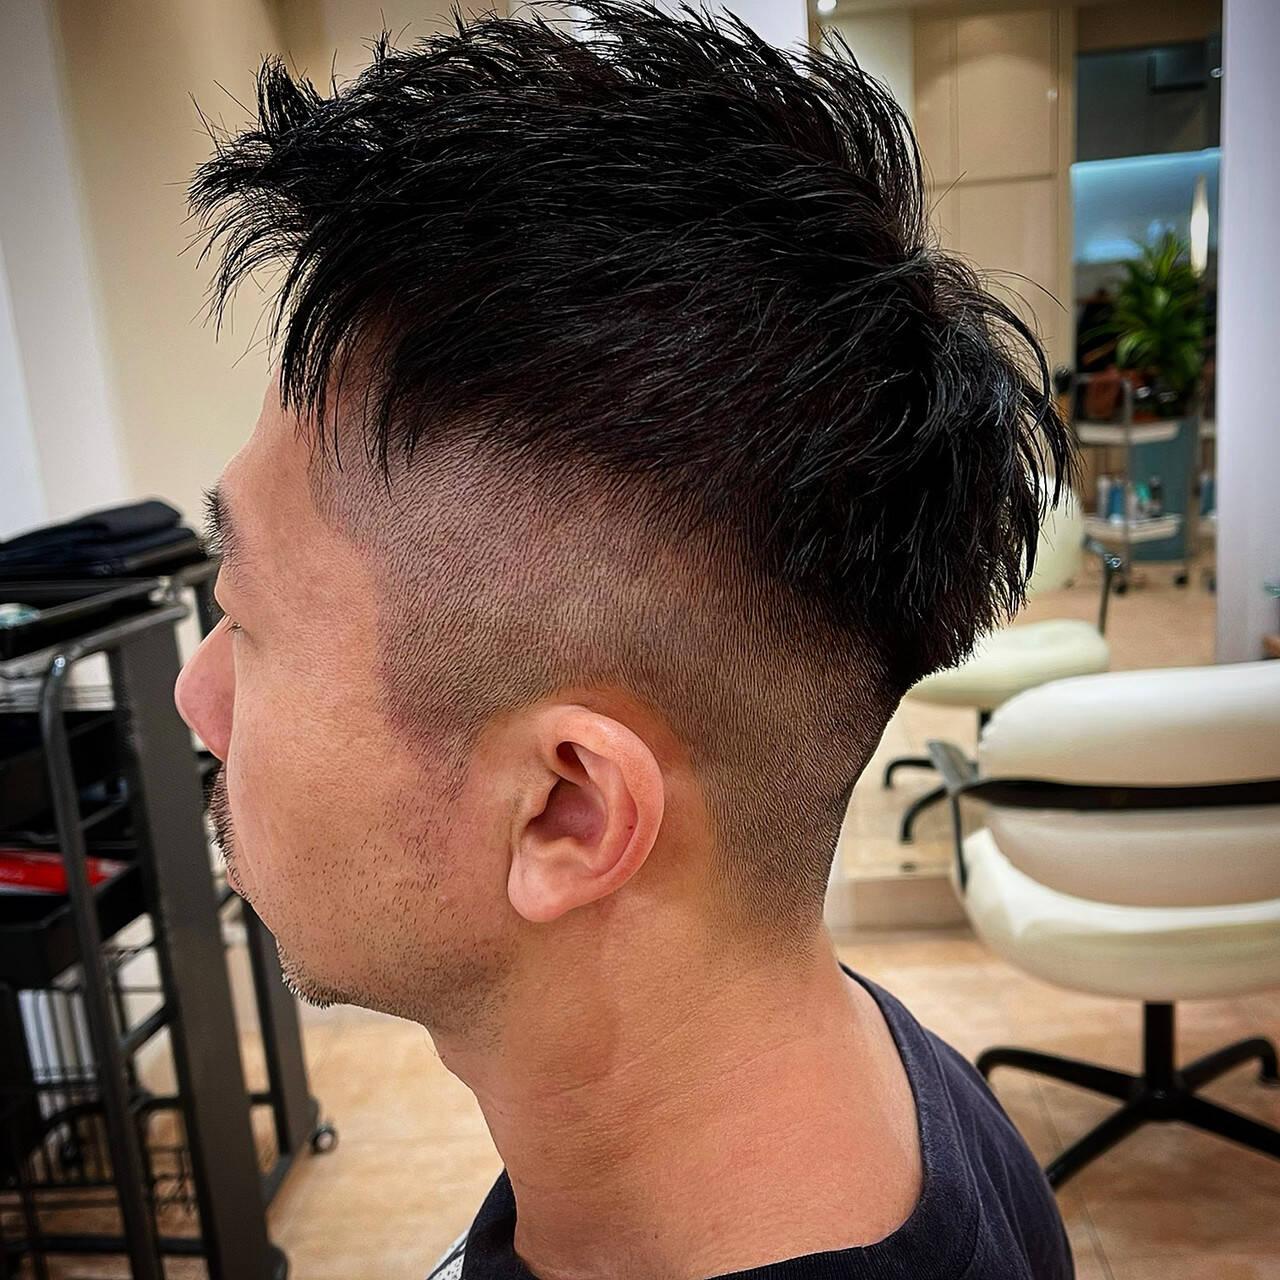 ベリーショート 刈り上げショート ツーブロック 刈り上げヘアスタイルや髪型の写真・画像